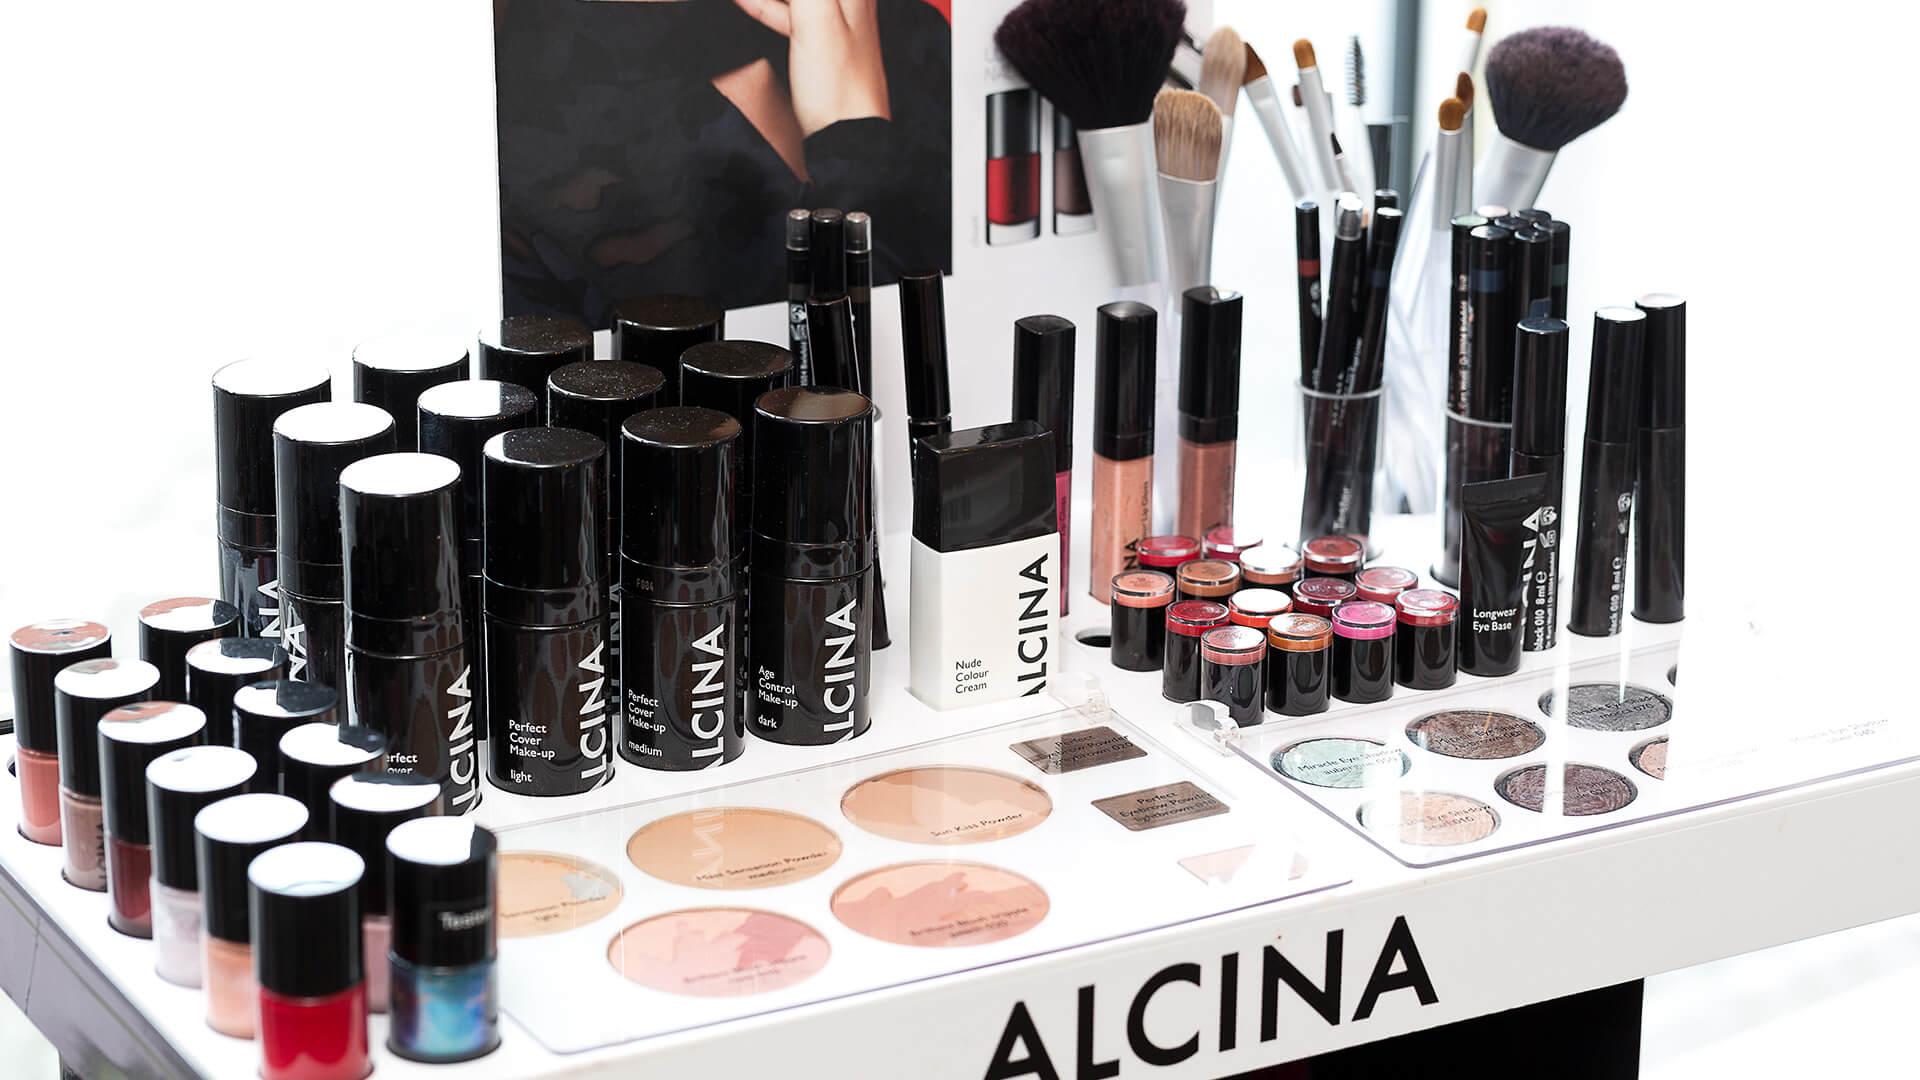 Alcina_0002